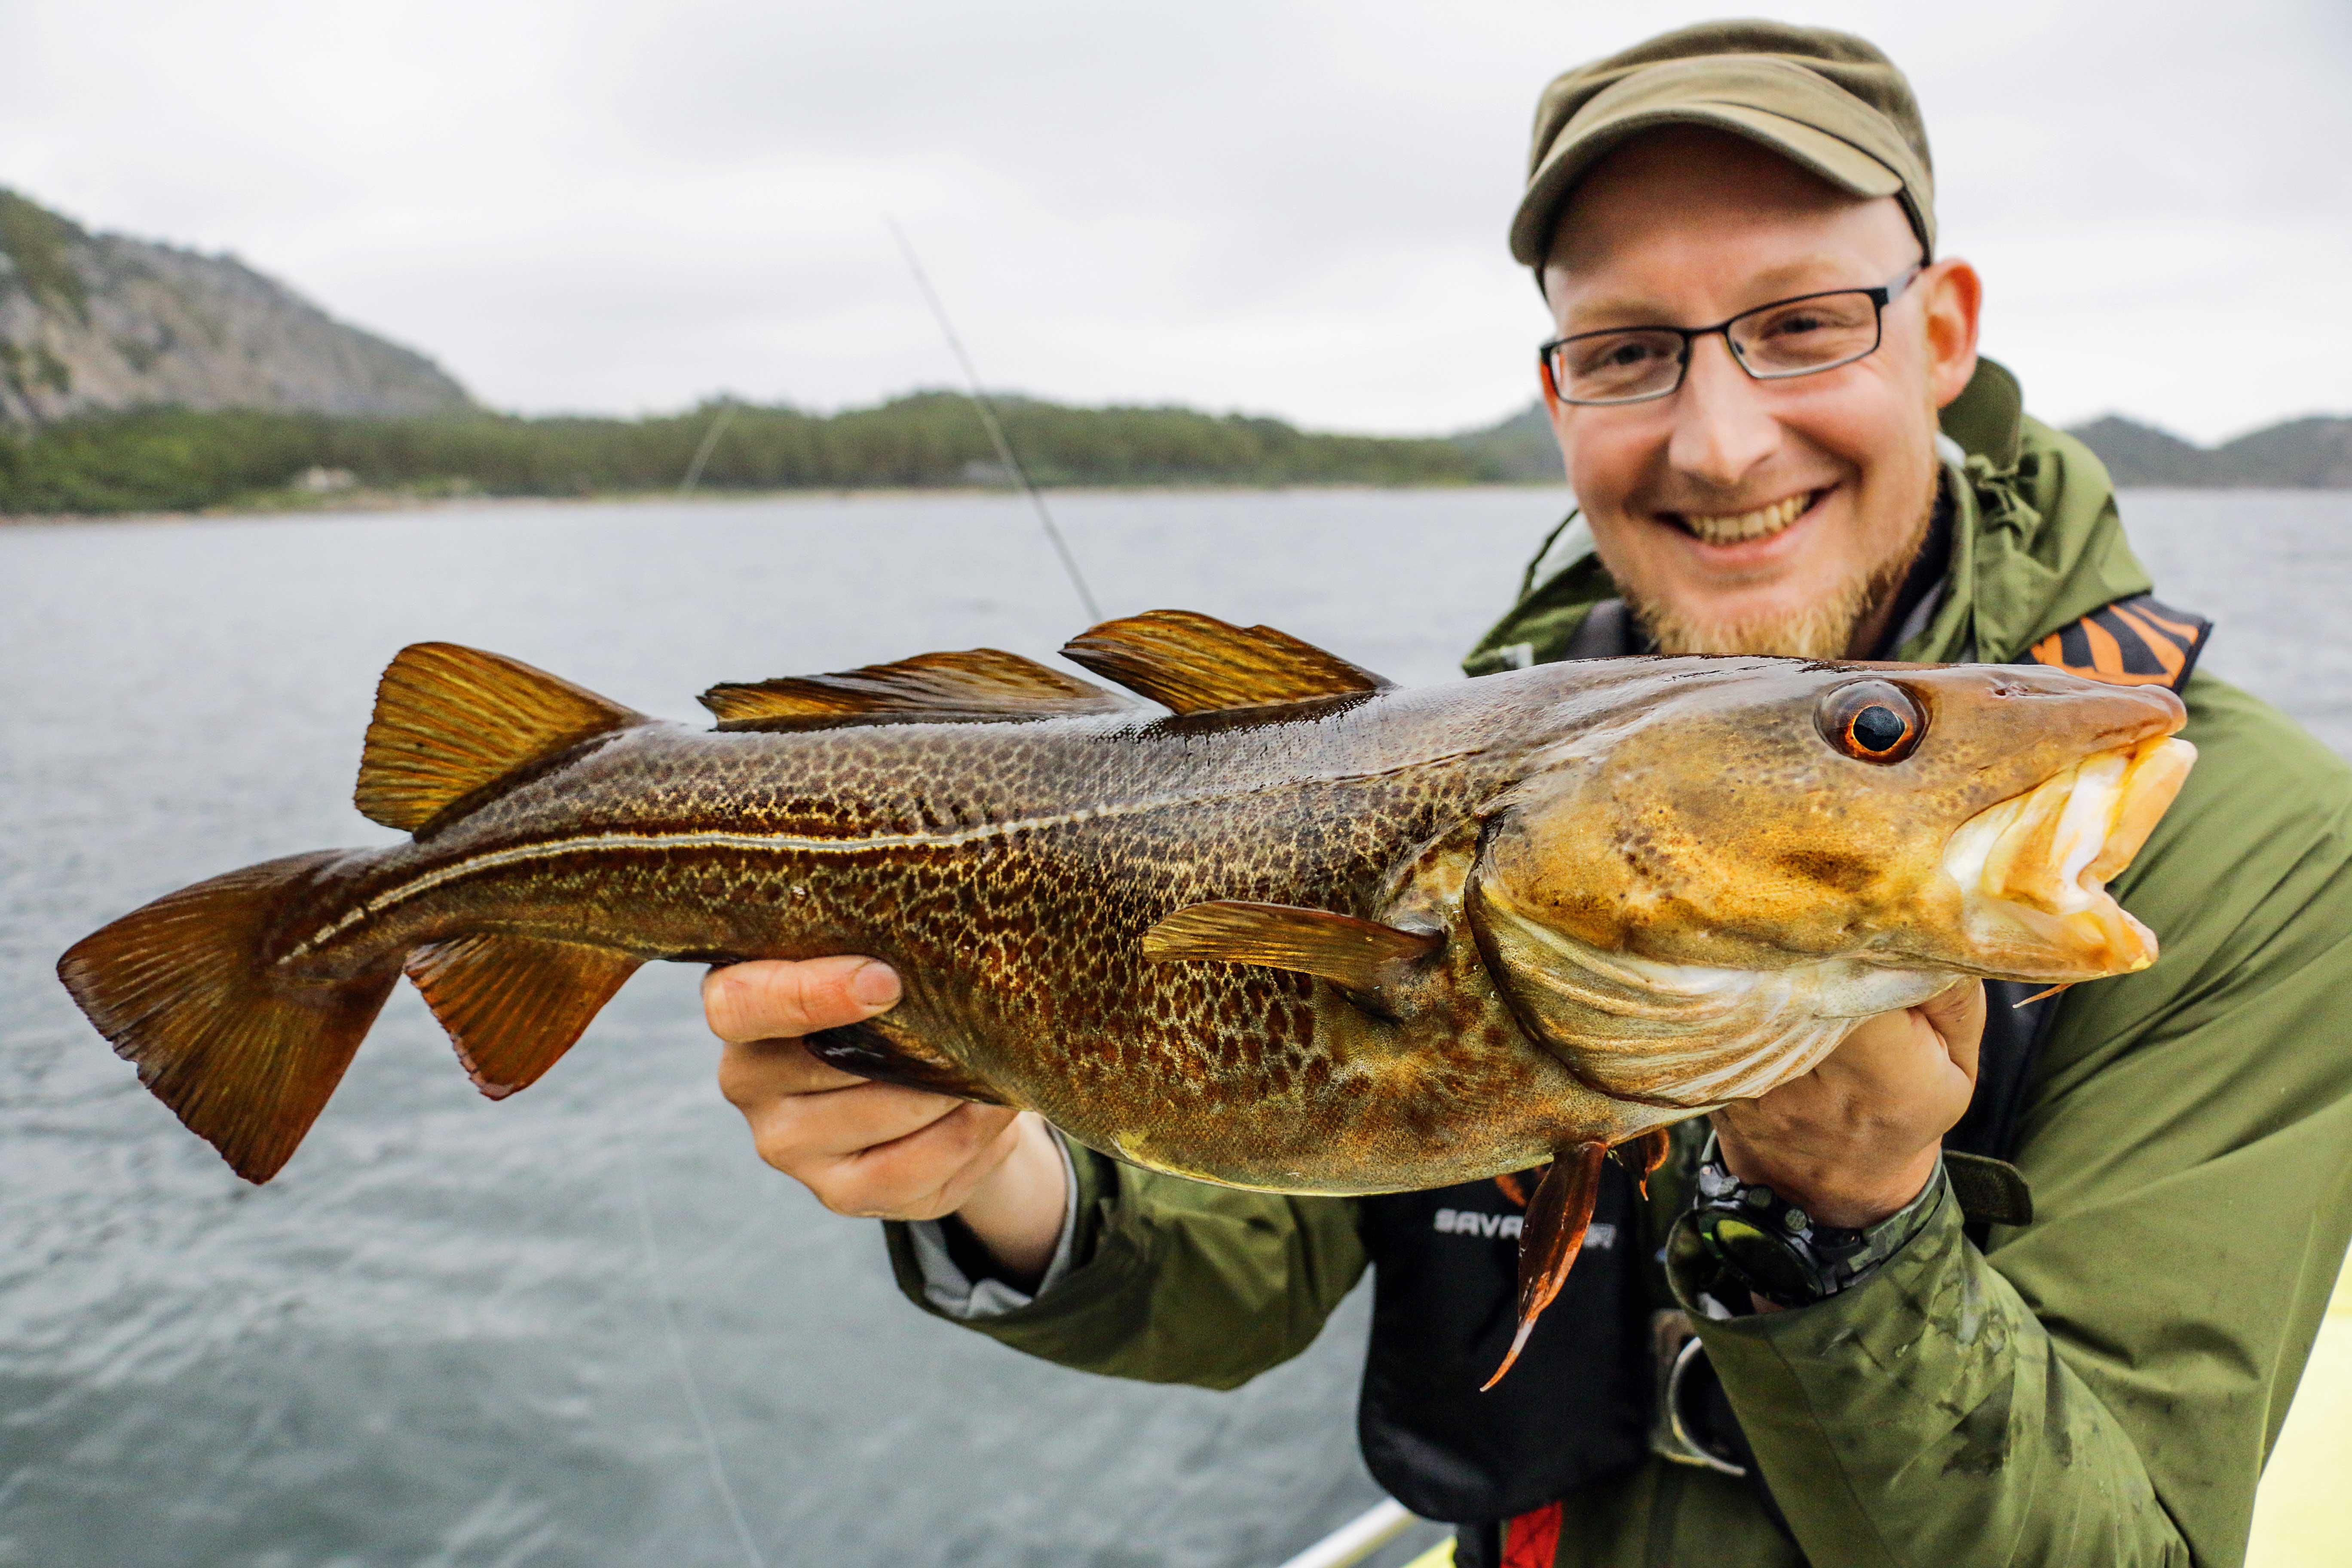 Der Dorsch ist einer der Haupt-Zielfische beim Meeresangeln in Norwegen.